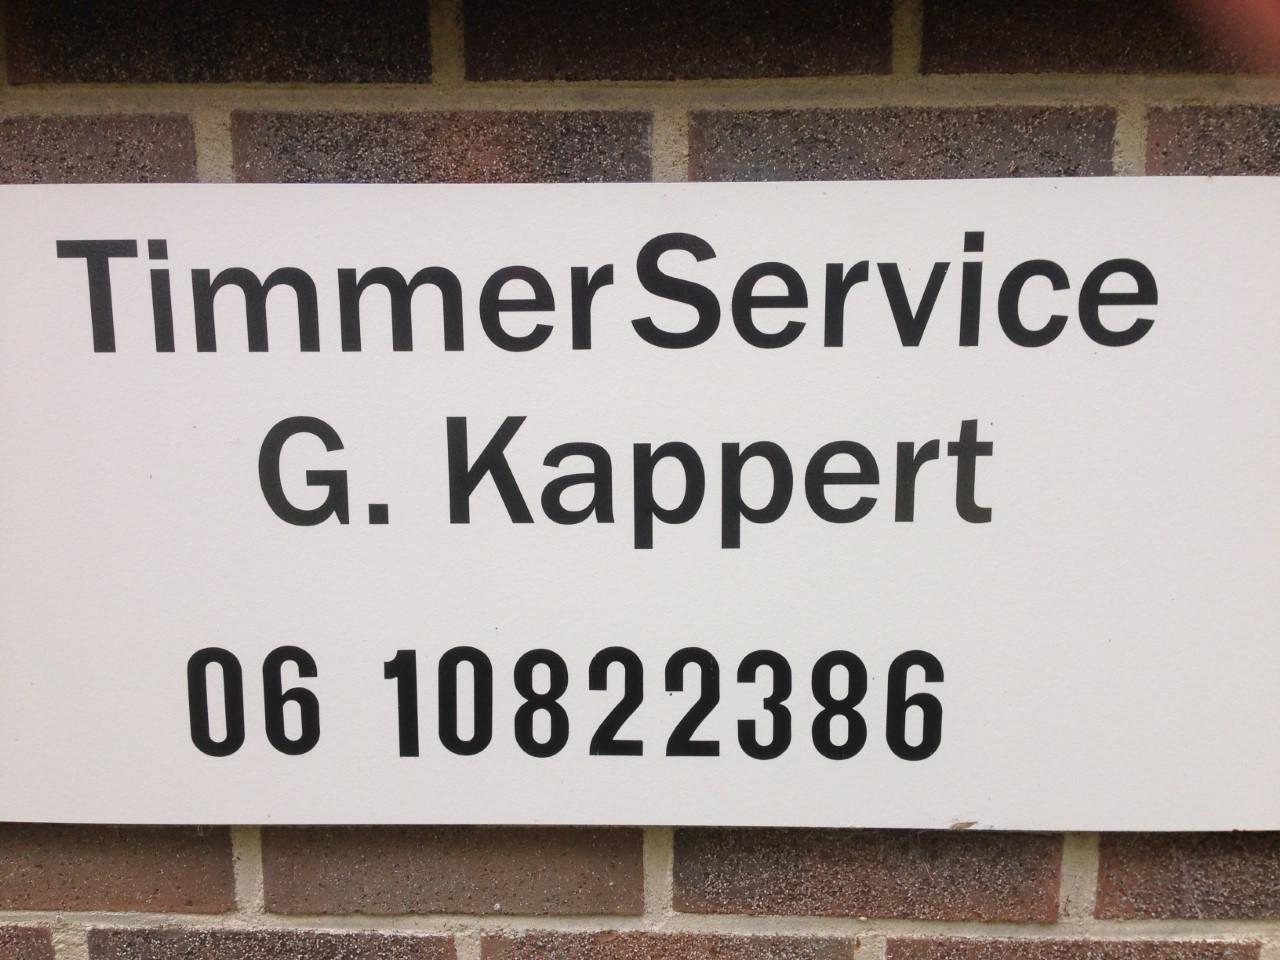 TimmerService G. Kappert